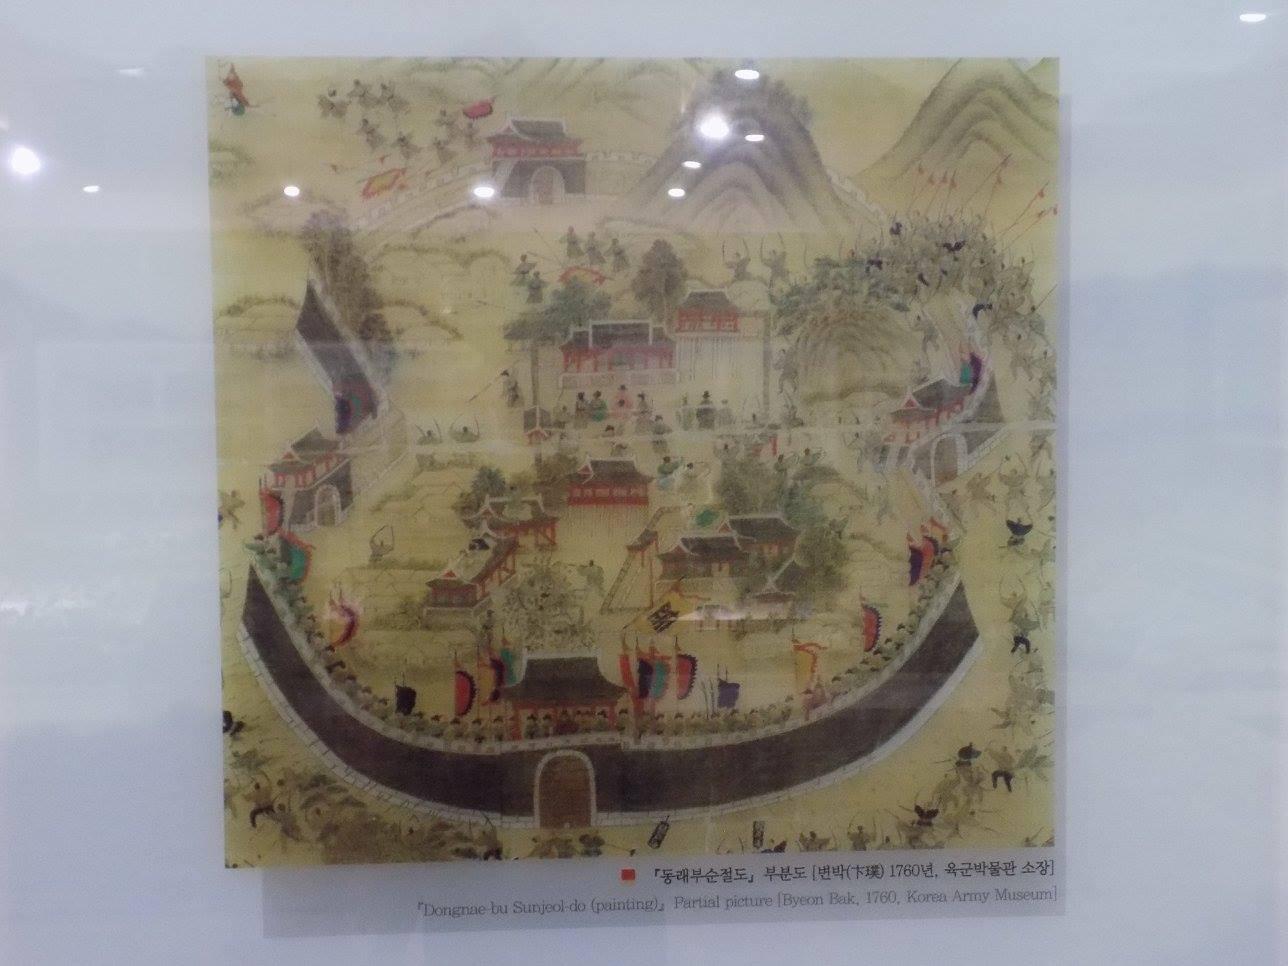 舟水の世界ごゆるり街歩き文禄の役の戦いの舞台となった釜山の東莱邑城